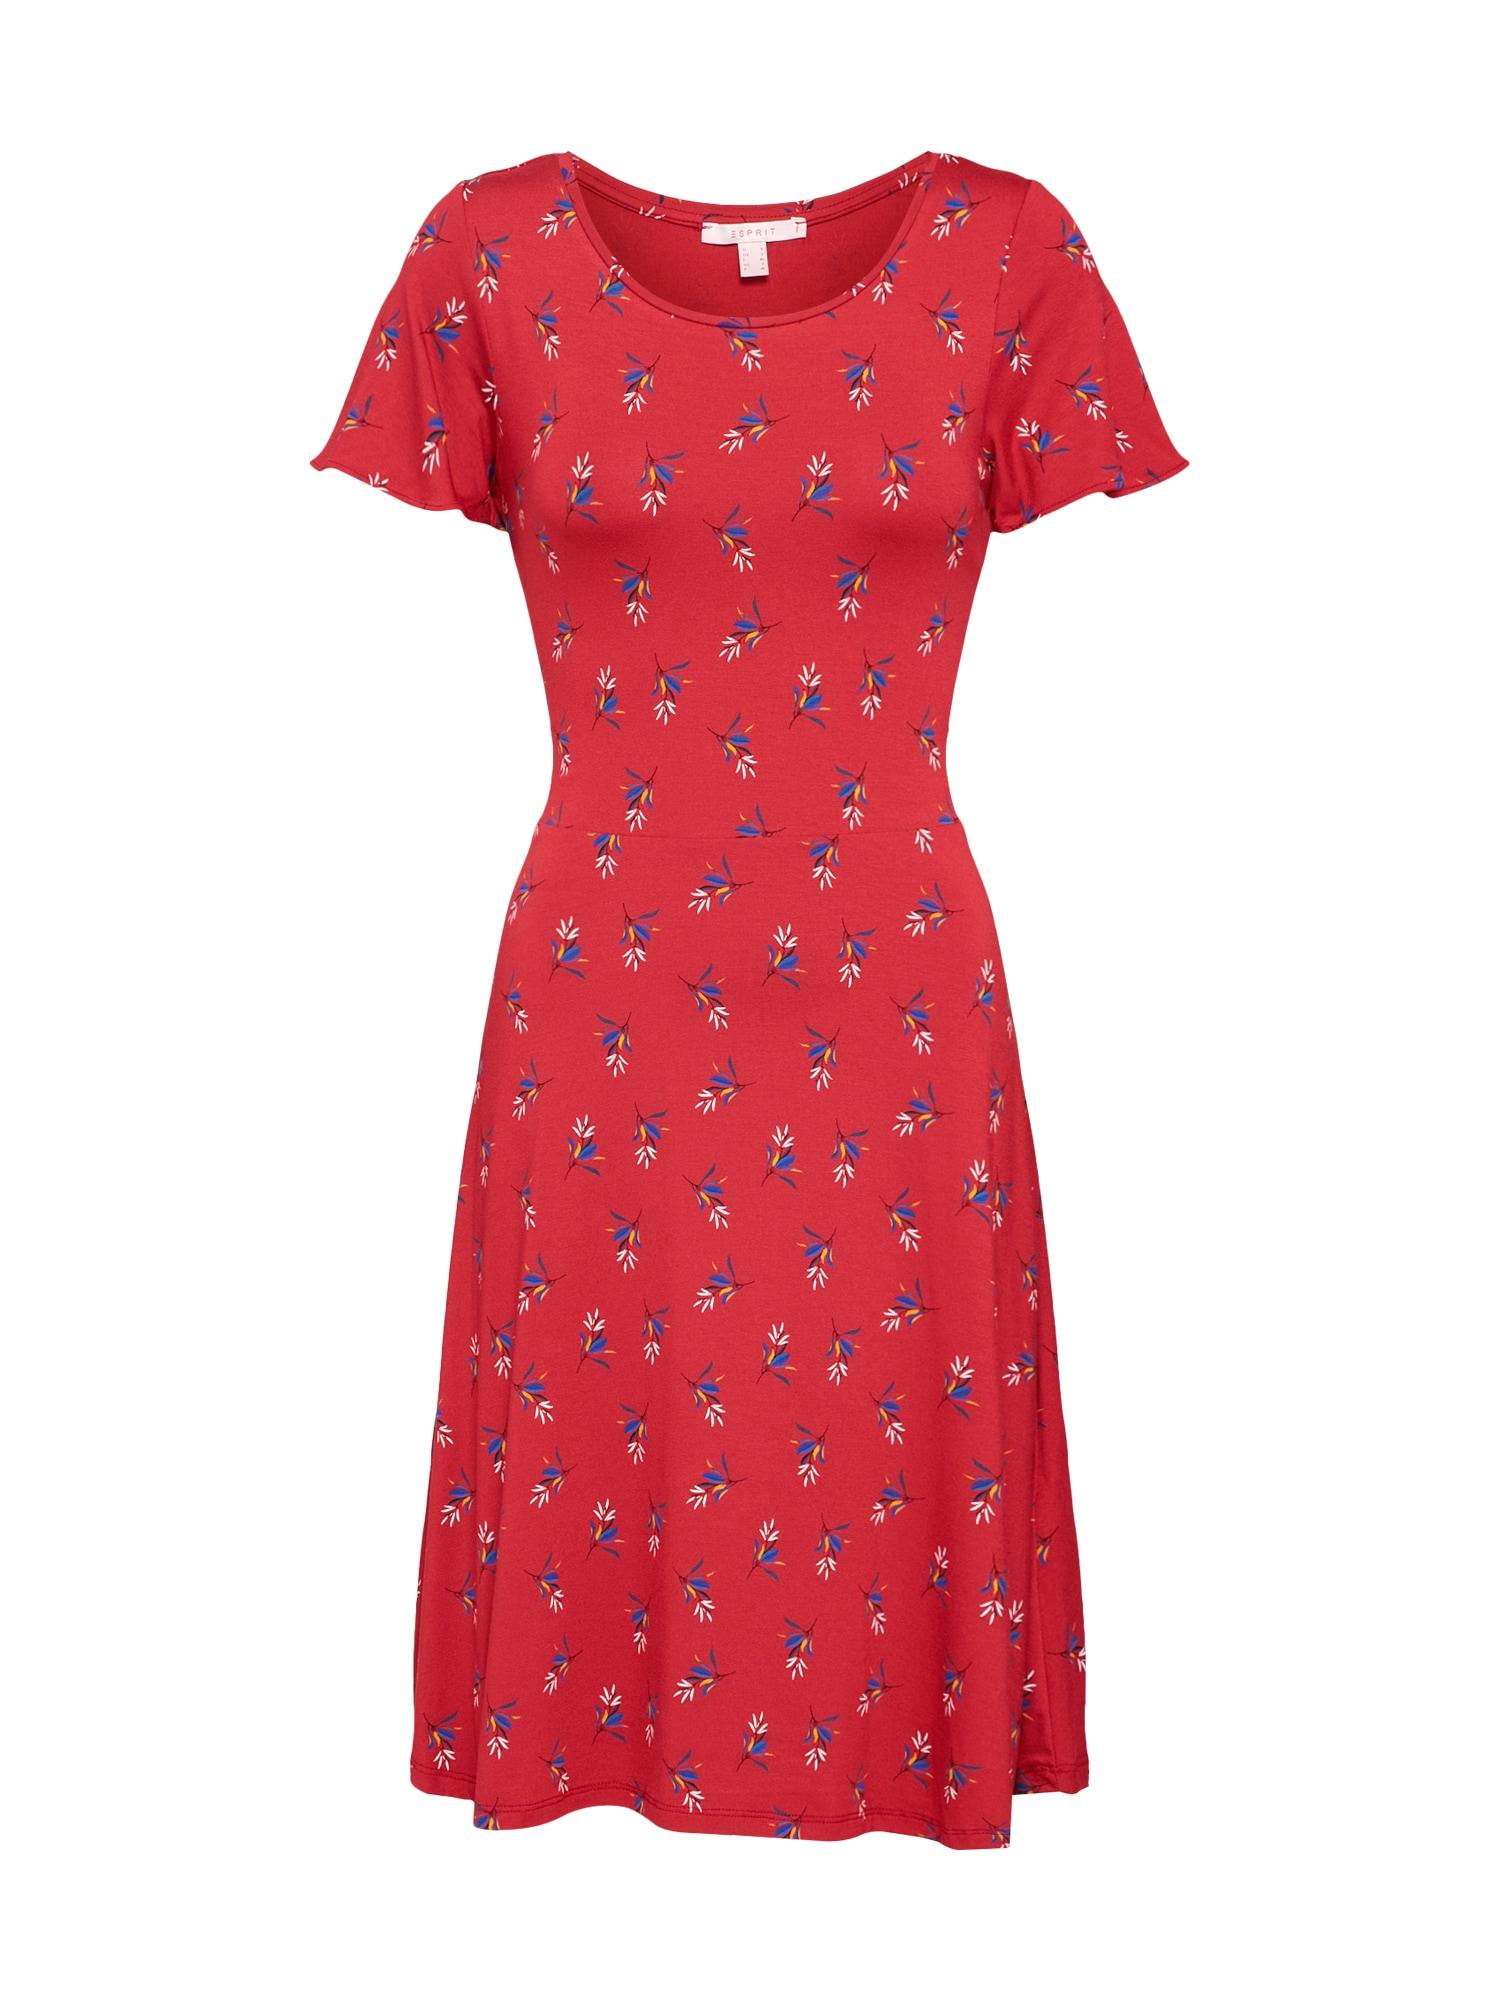 ESPRIT Suknelė raudona